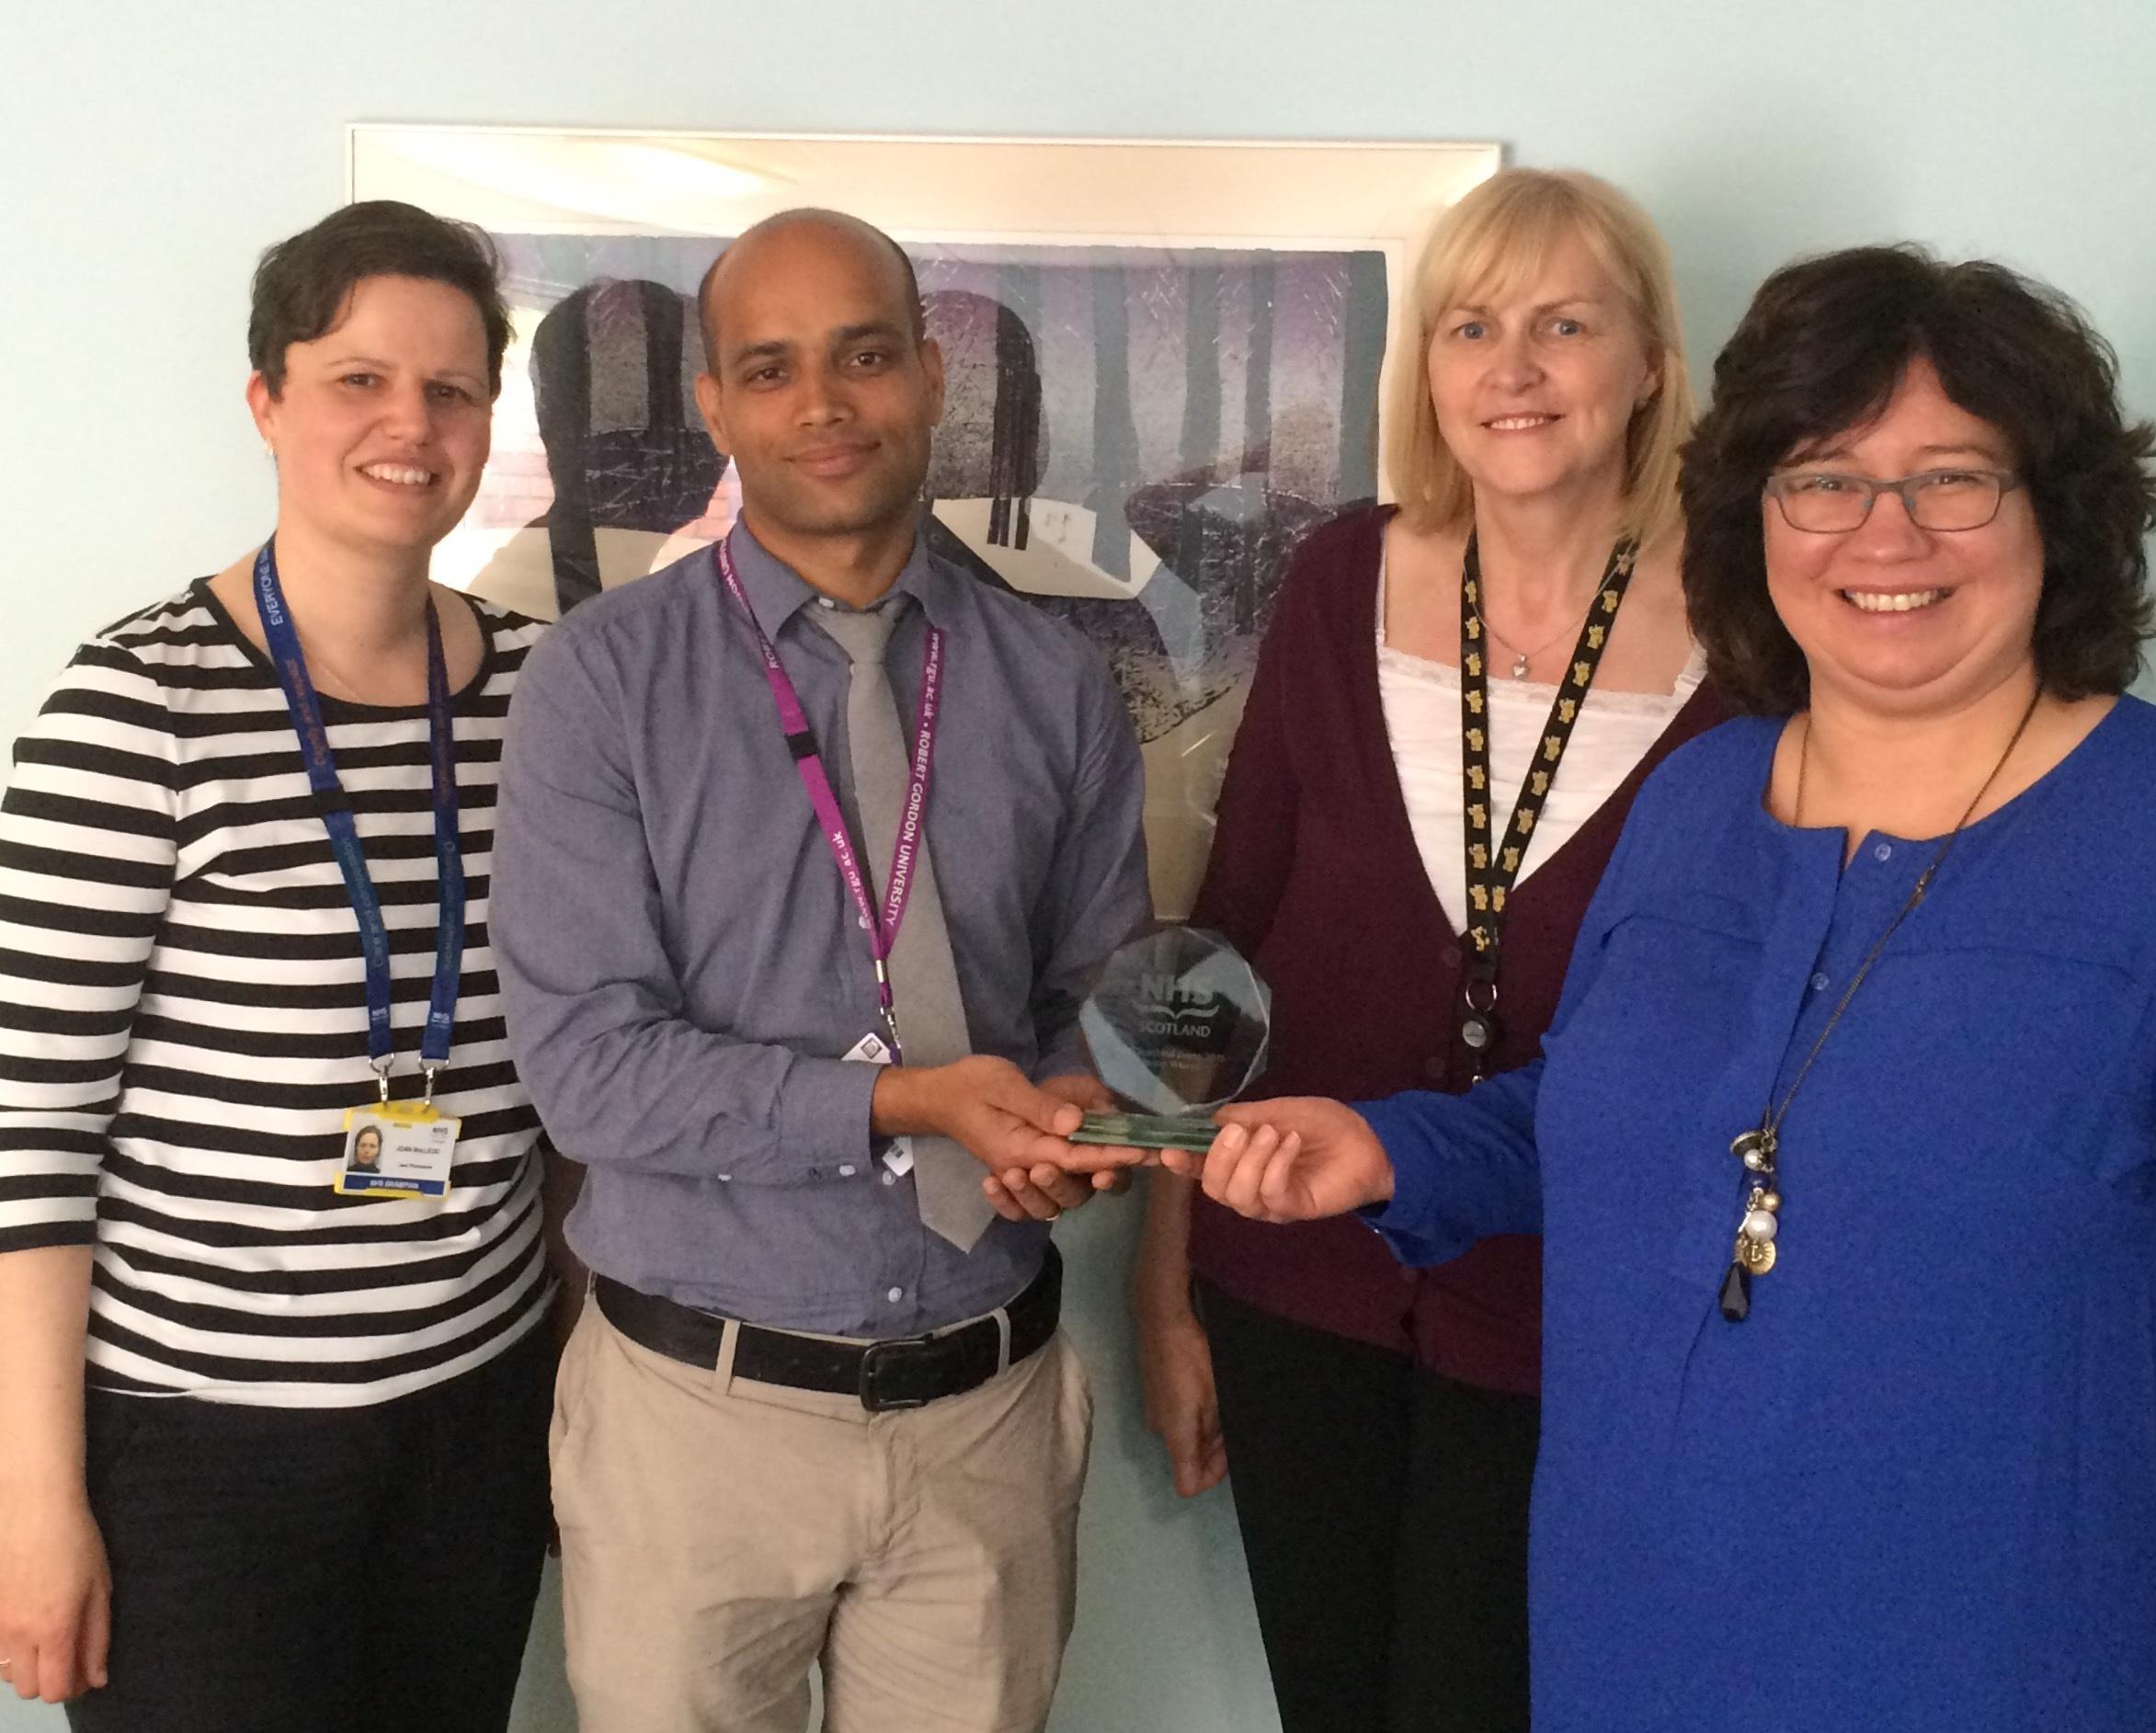 NHS Scotland Award